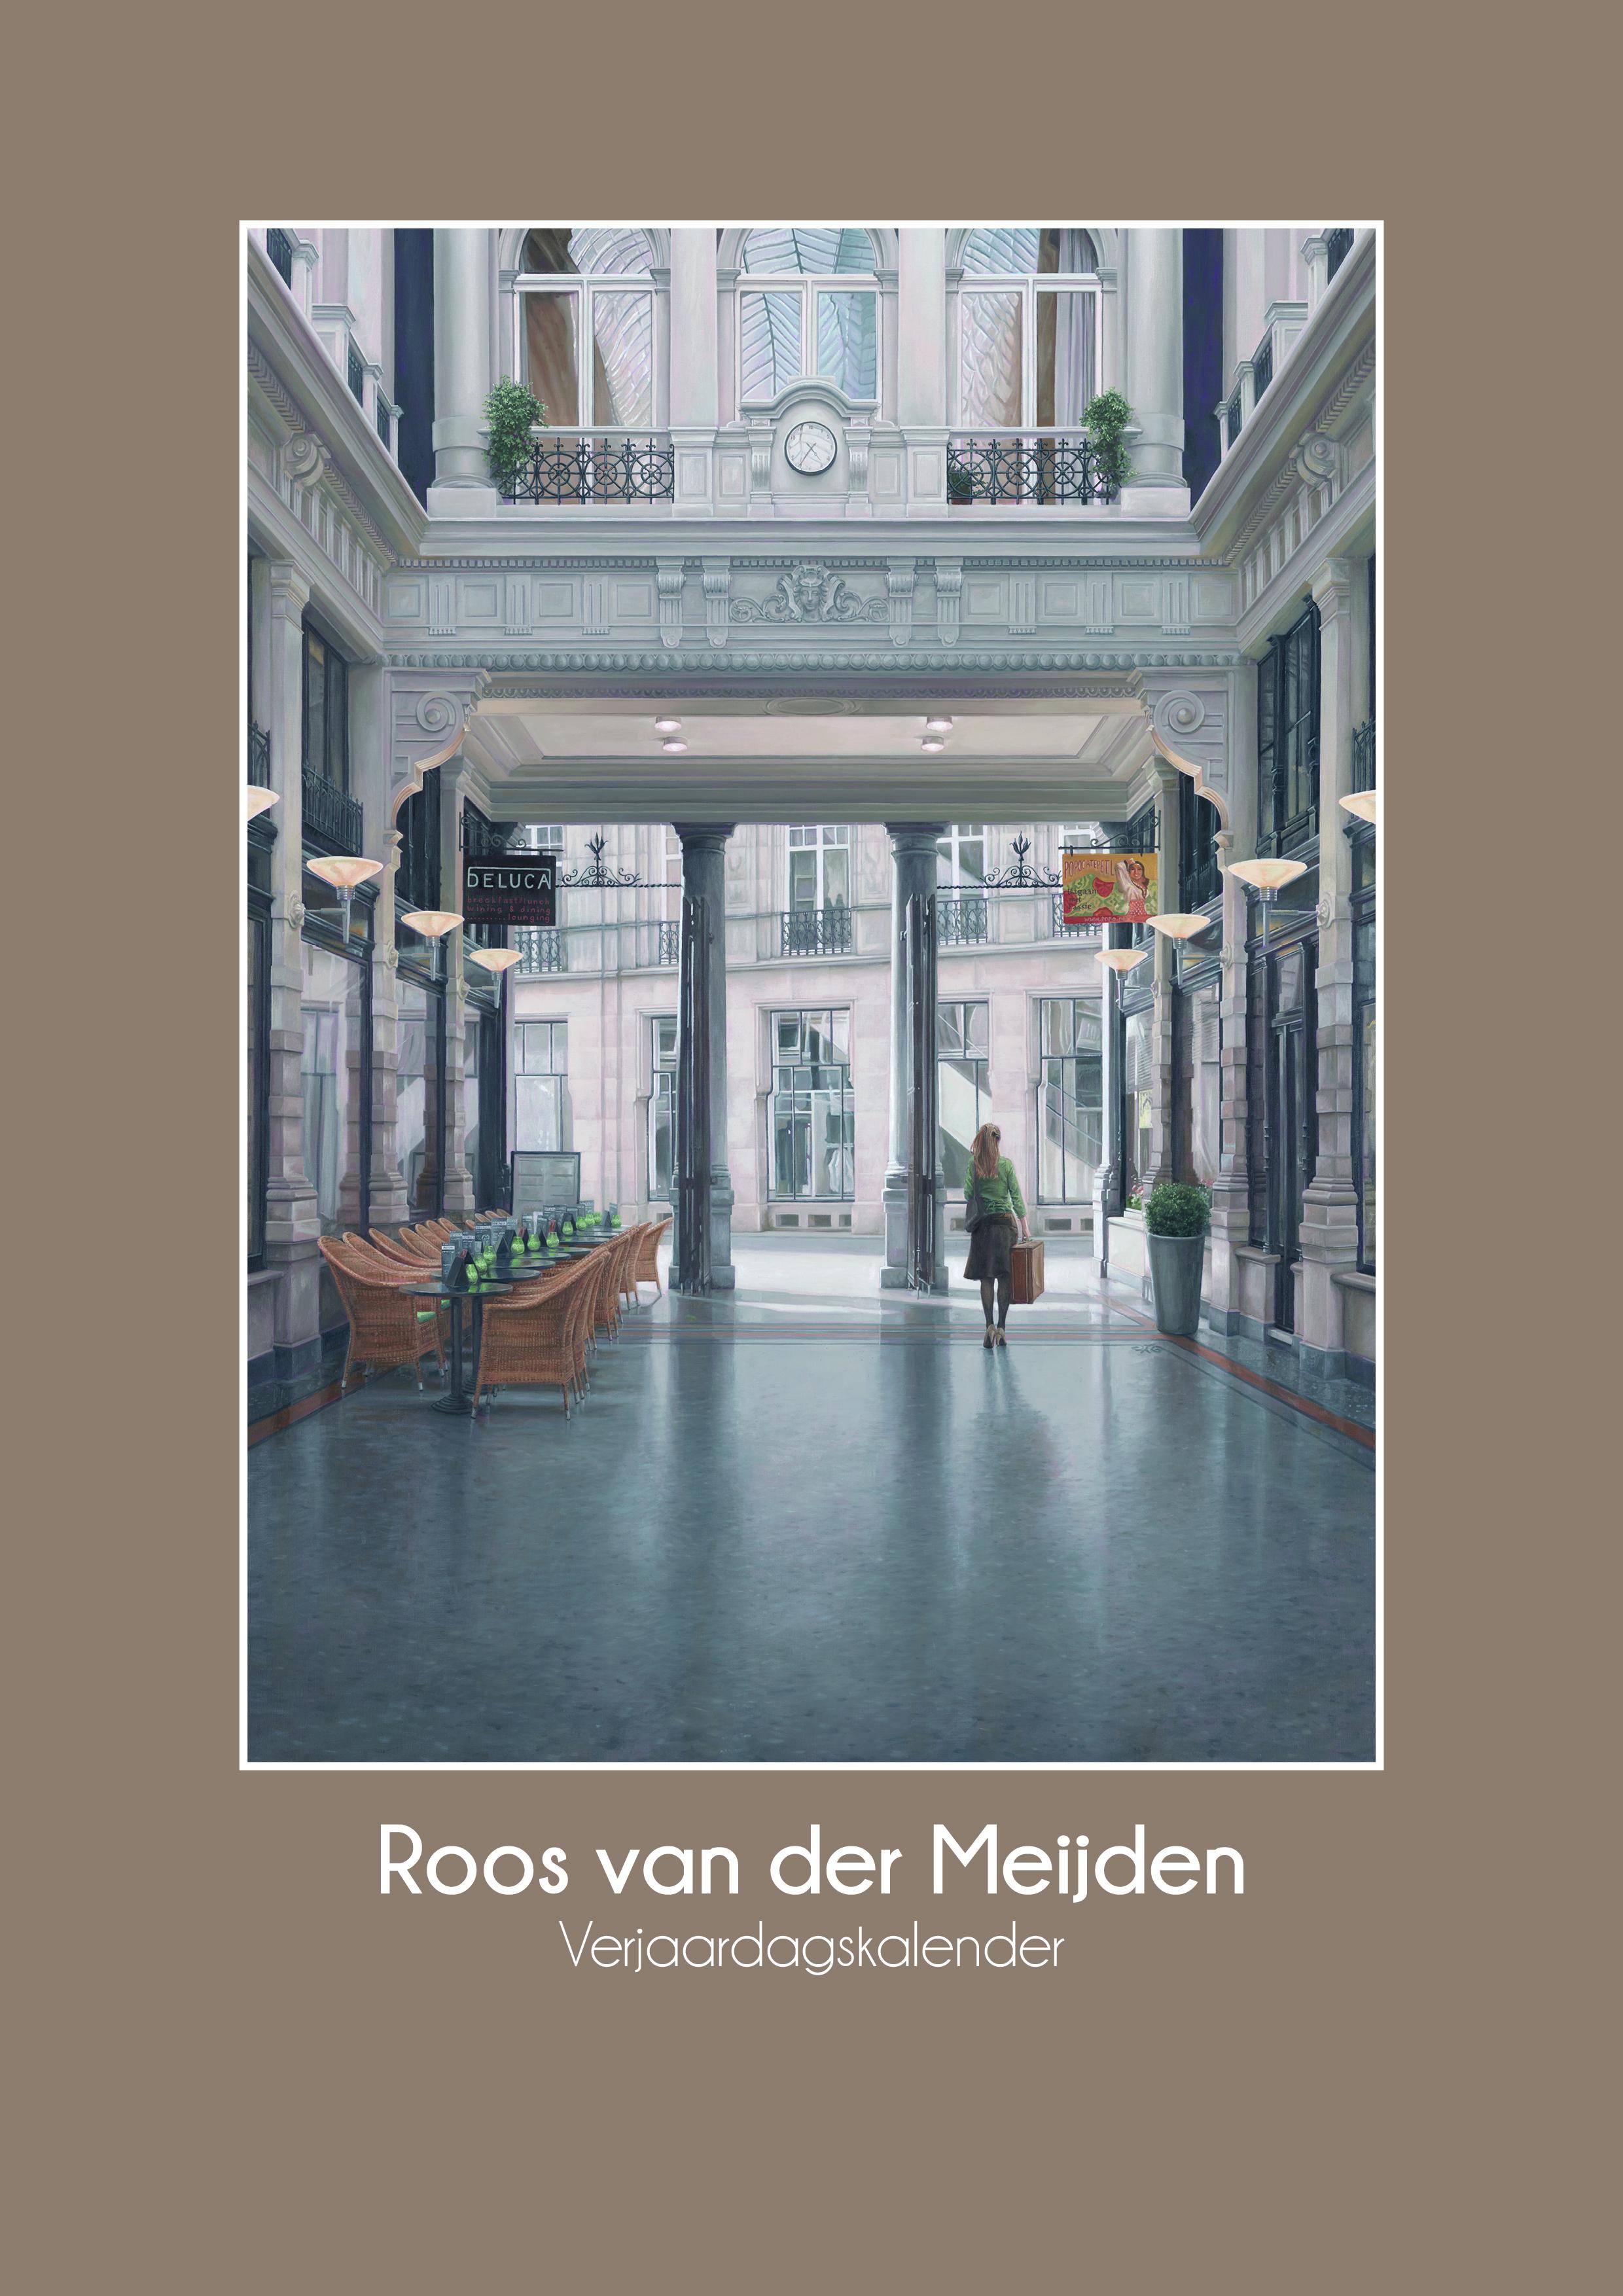 Verjaardagskalender Roos van der Meijden